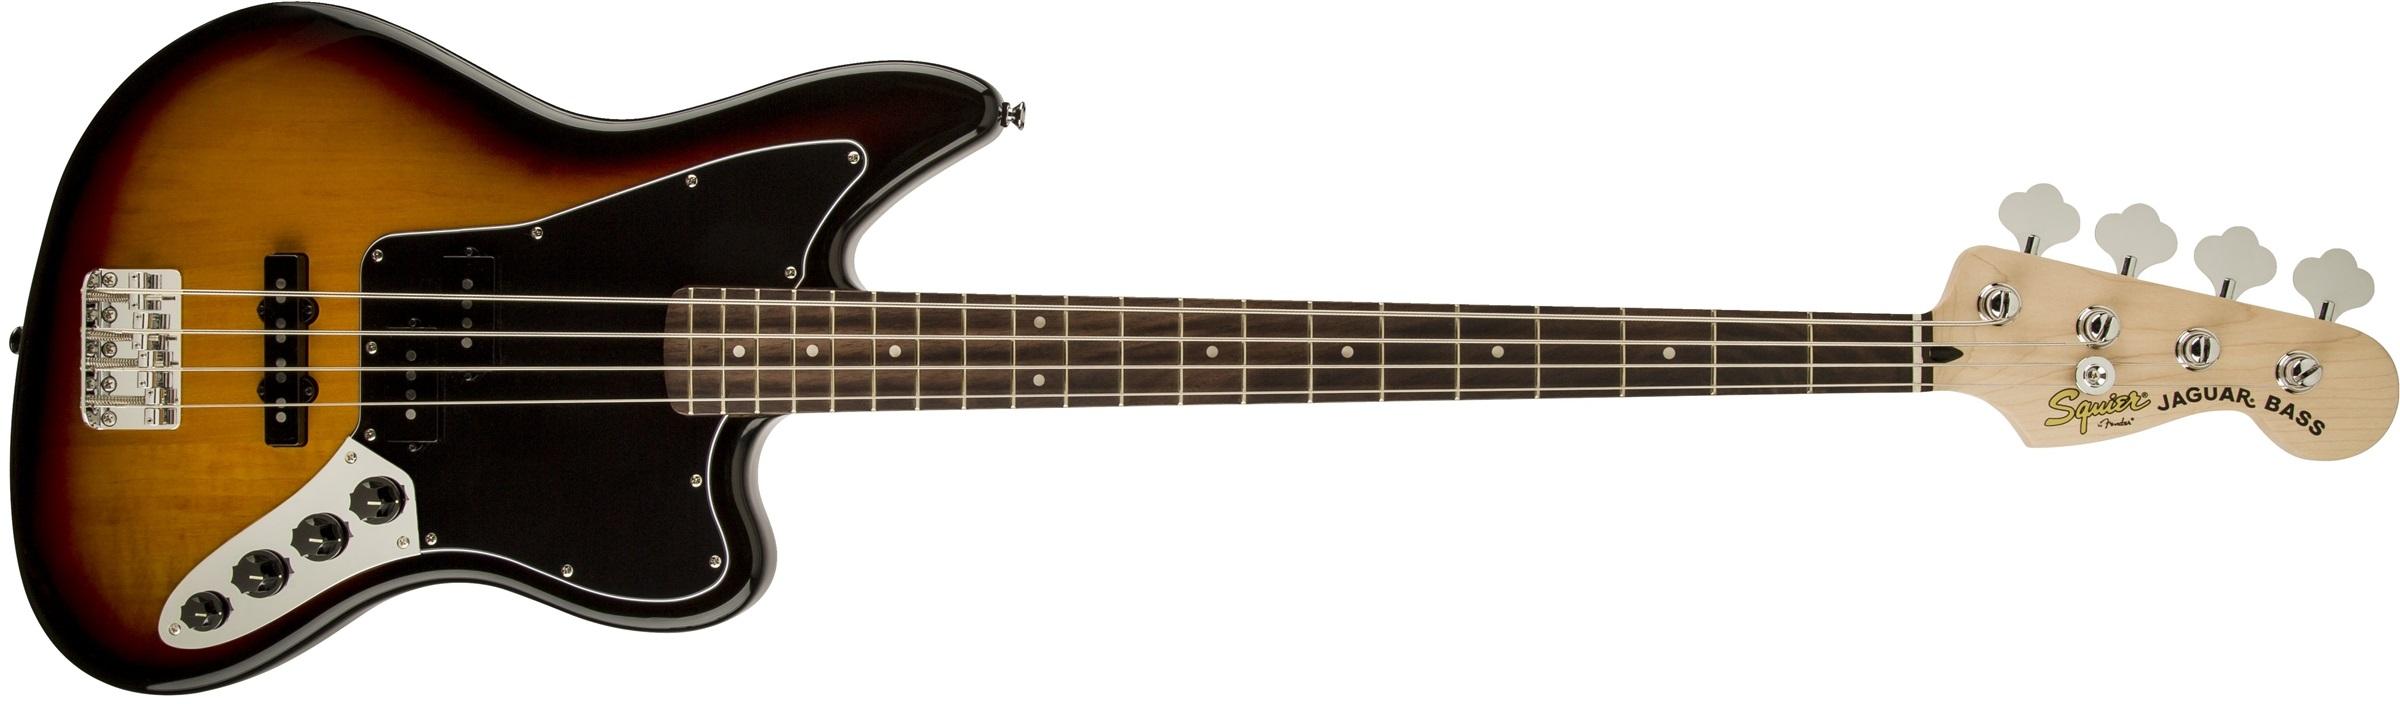 Fender Squier Vintage Modified Jaguar Bass SPCL 3TS